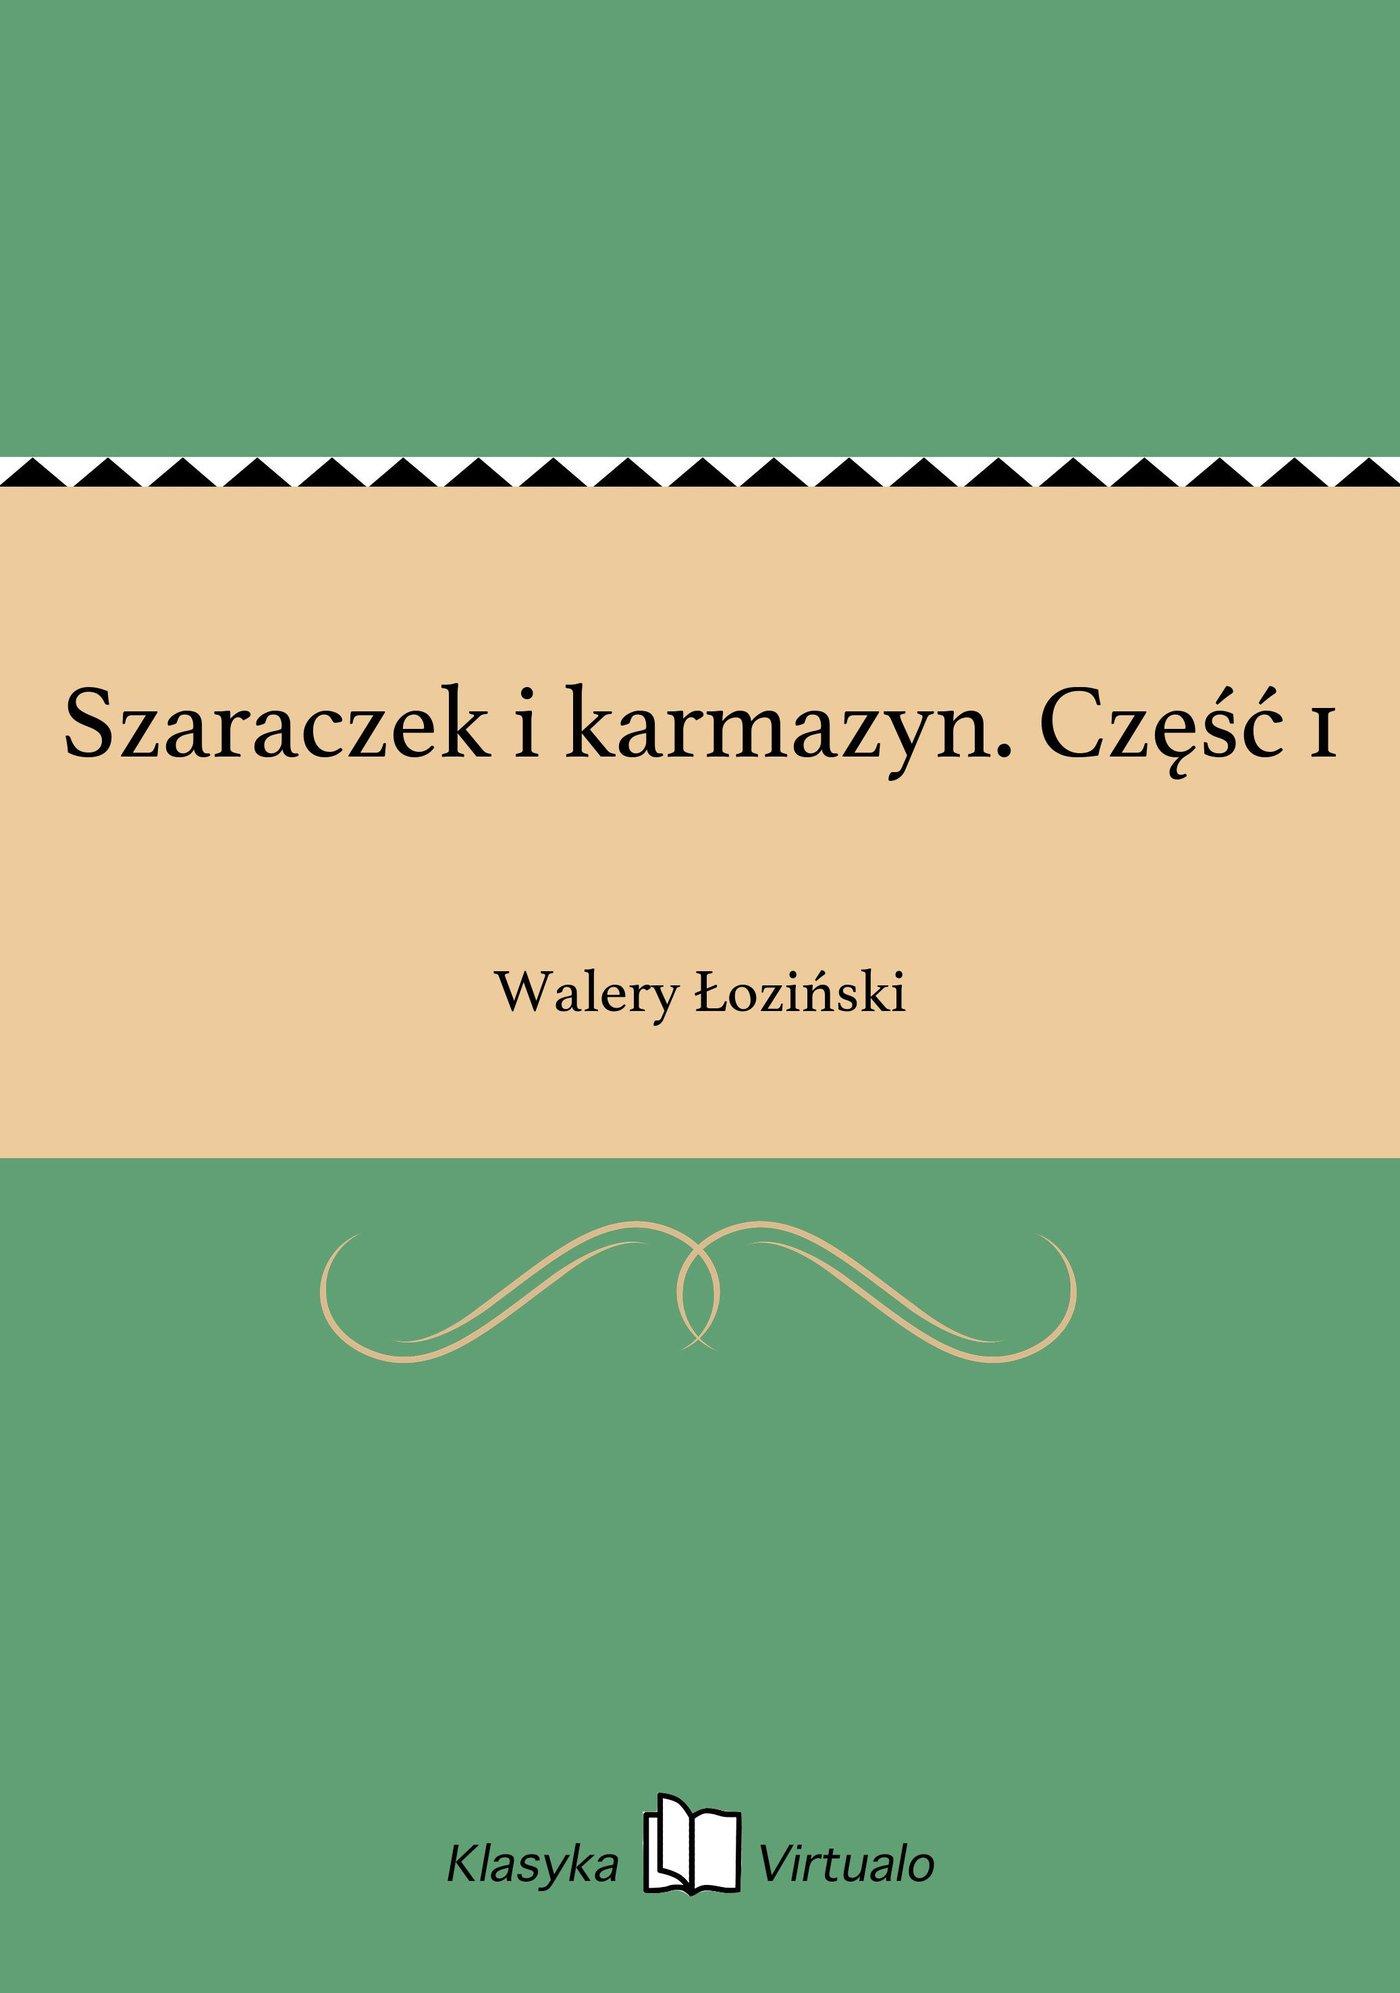 Szaraczek i karmazyn. Część 1 - Ebook (Książka EPUB) do pobrania w formacie EPUB